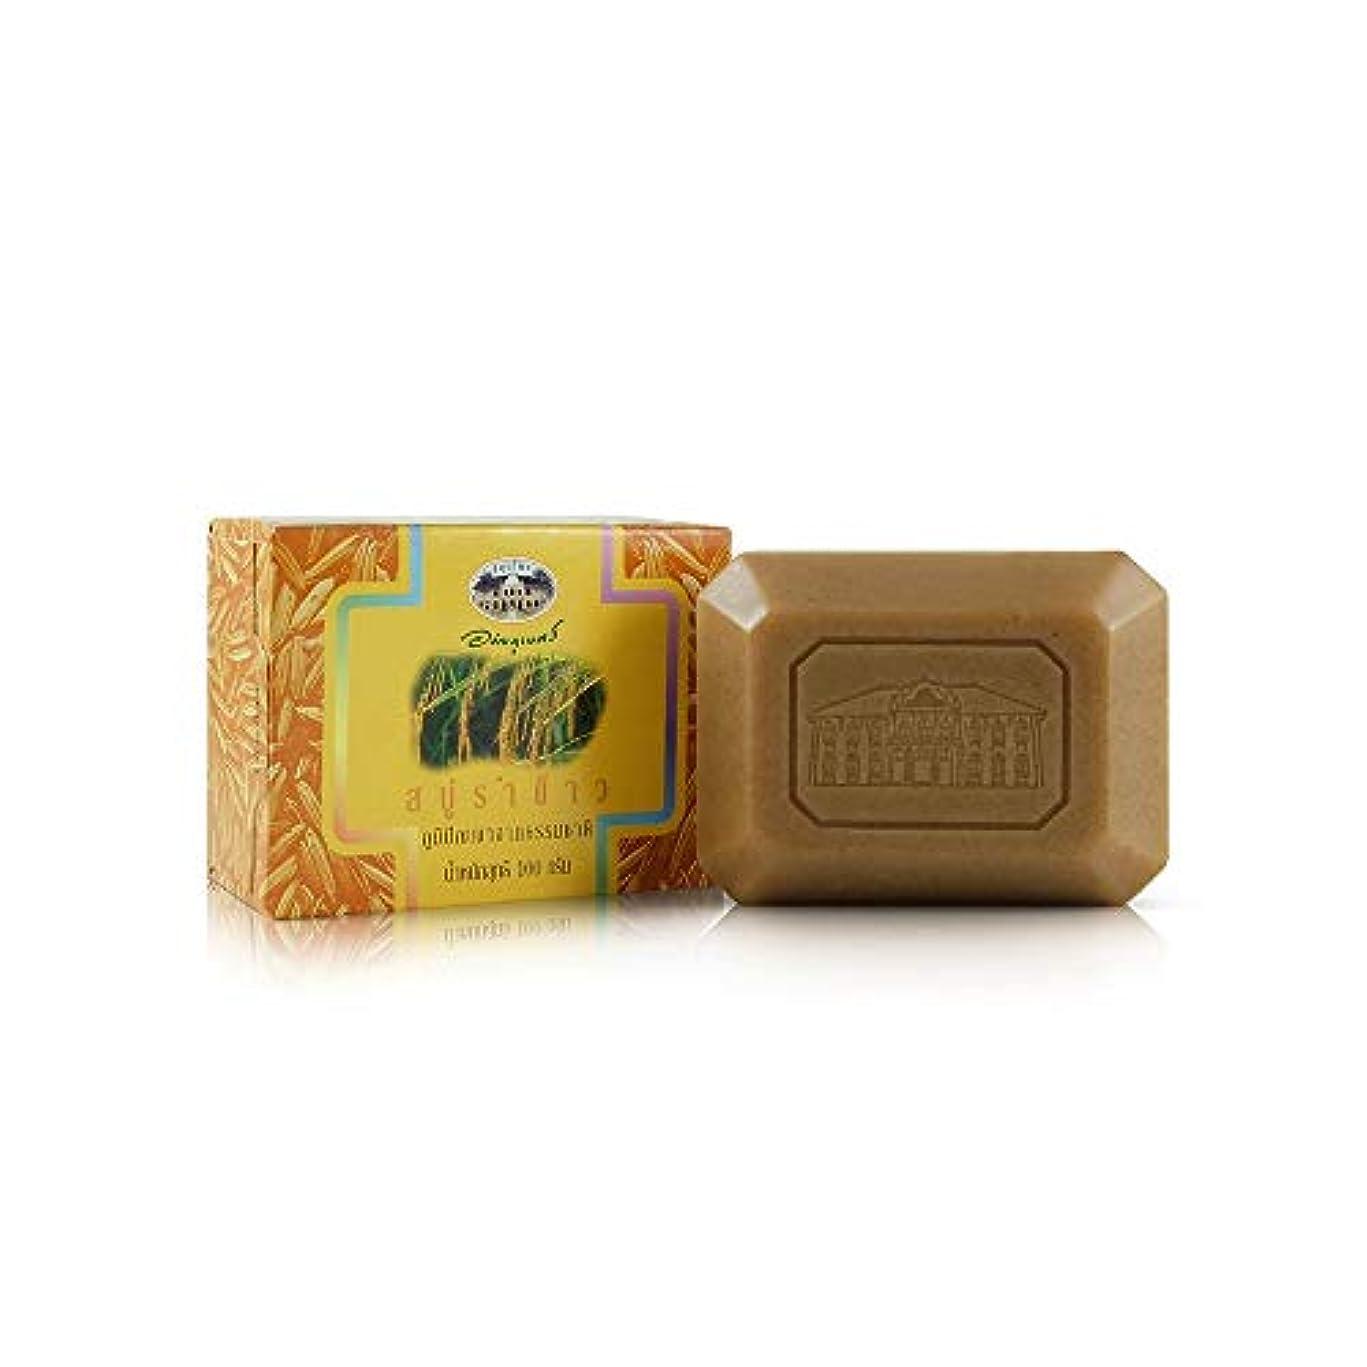 うんざり哲学ふざけたAbhaibhubejhr Rice Bran Herbal Body Cleansing Soap 100g. Abhaibhubejhrライスブランハーブボディクレンジングソープ100グラム。